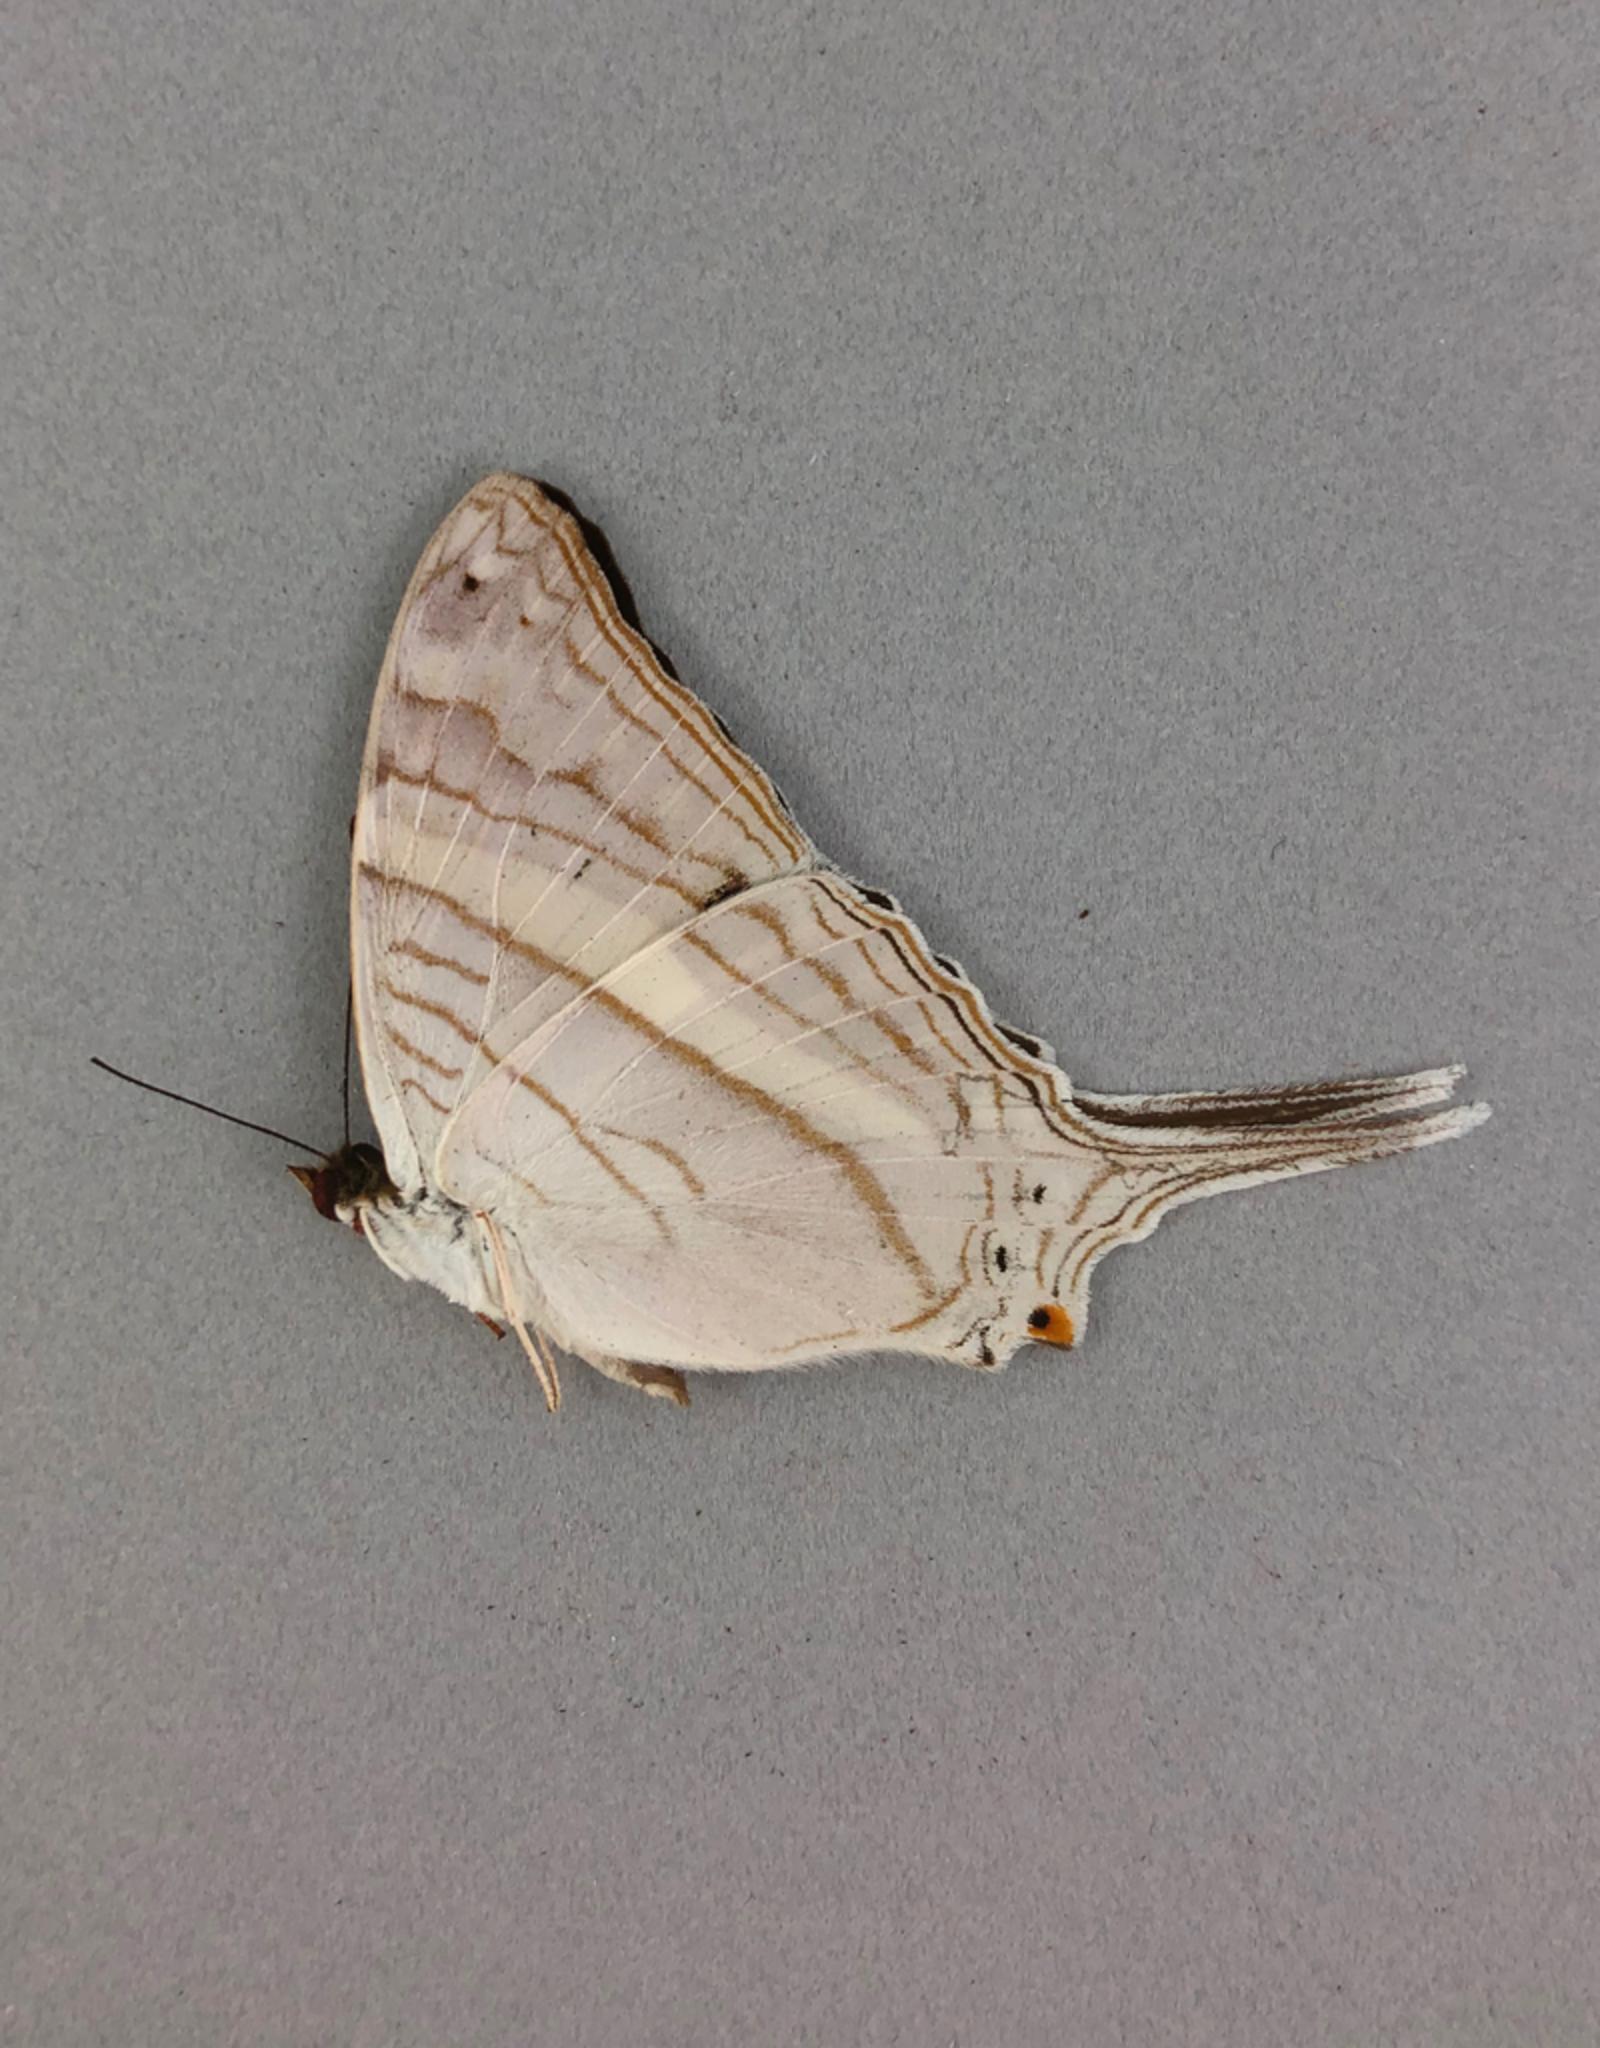 Marpesia orsilochus M A1 Peru